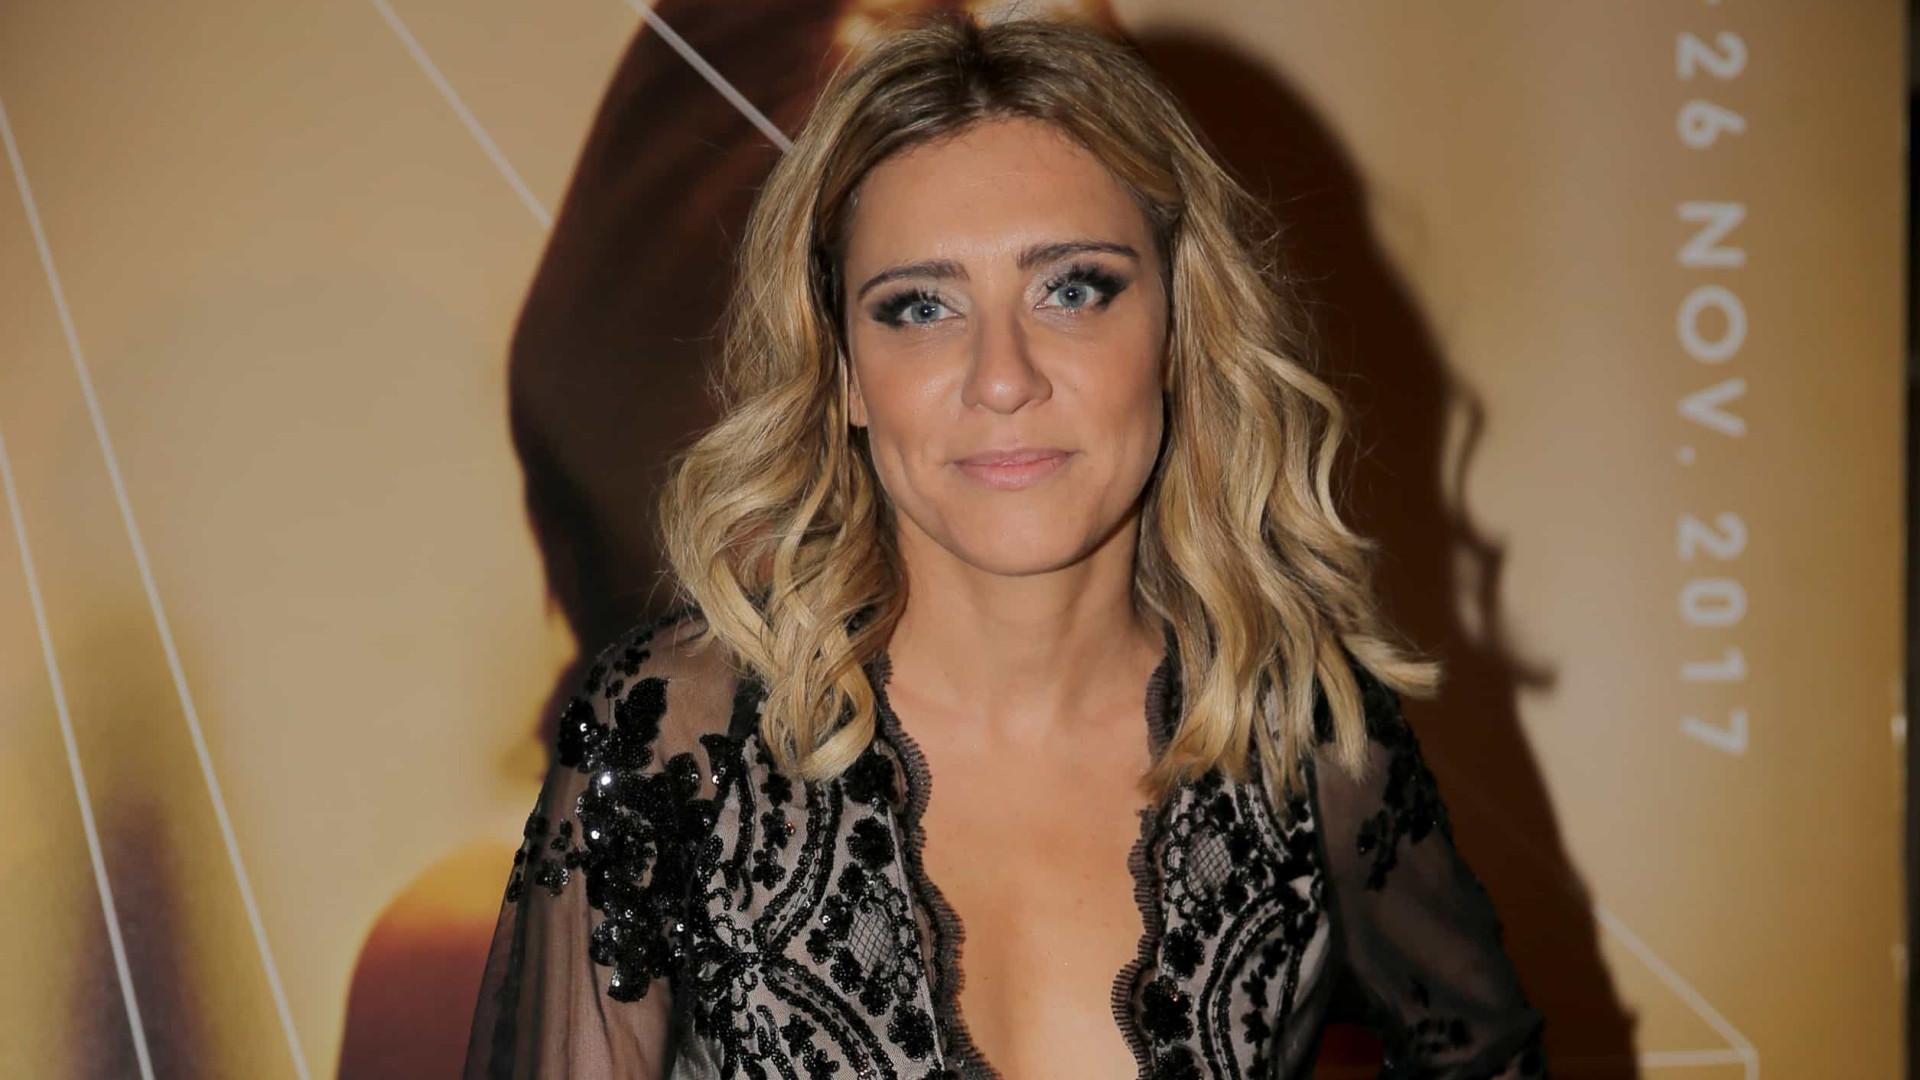 Joana Solnado desaparecida? Atriz explica ausência da vida pública